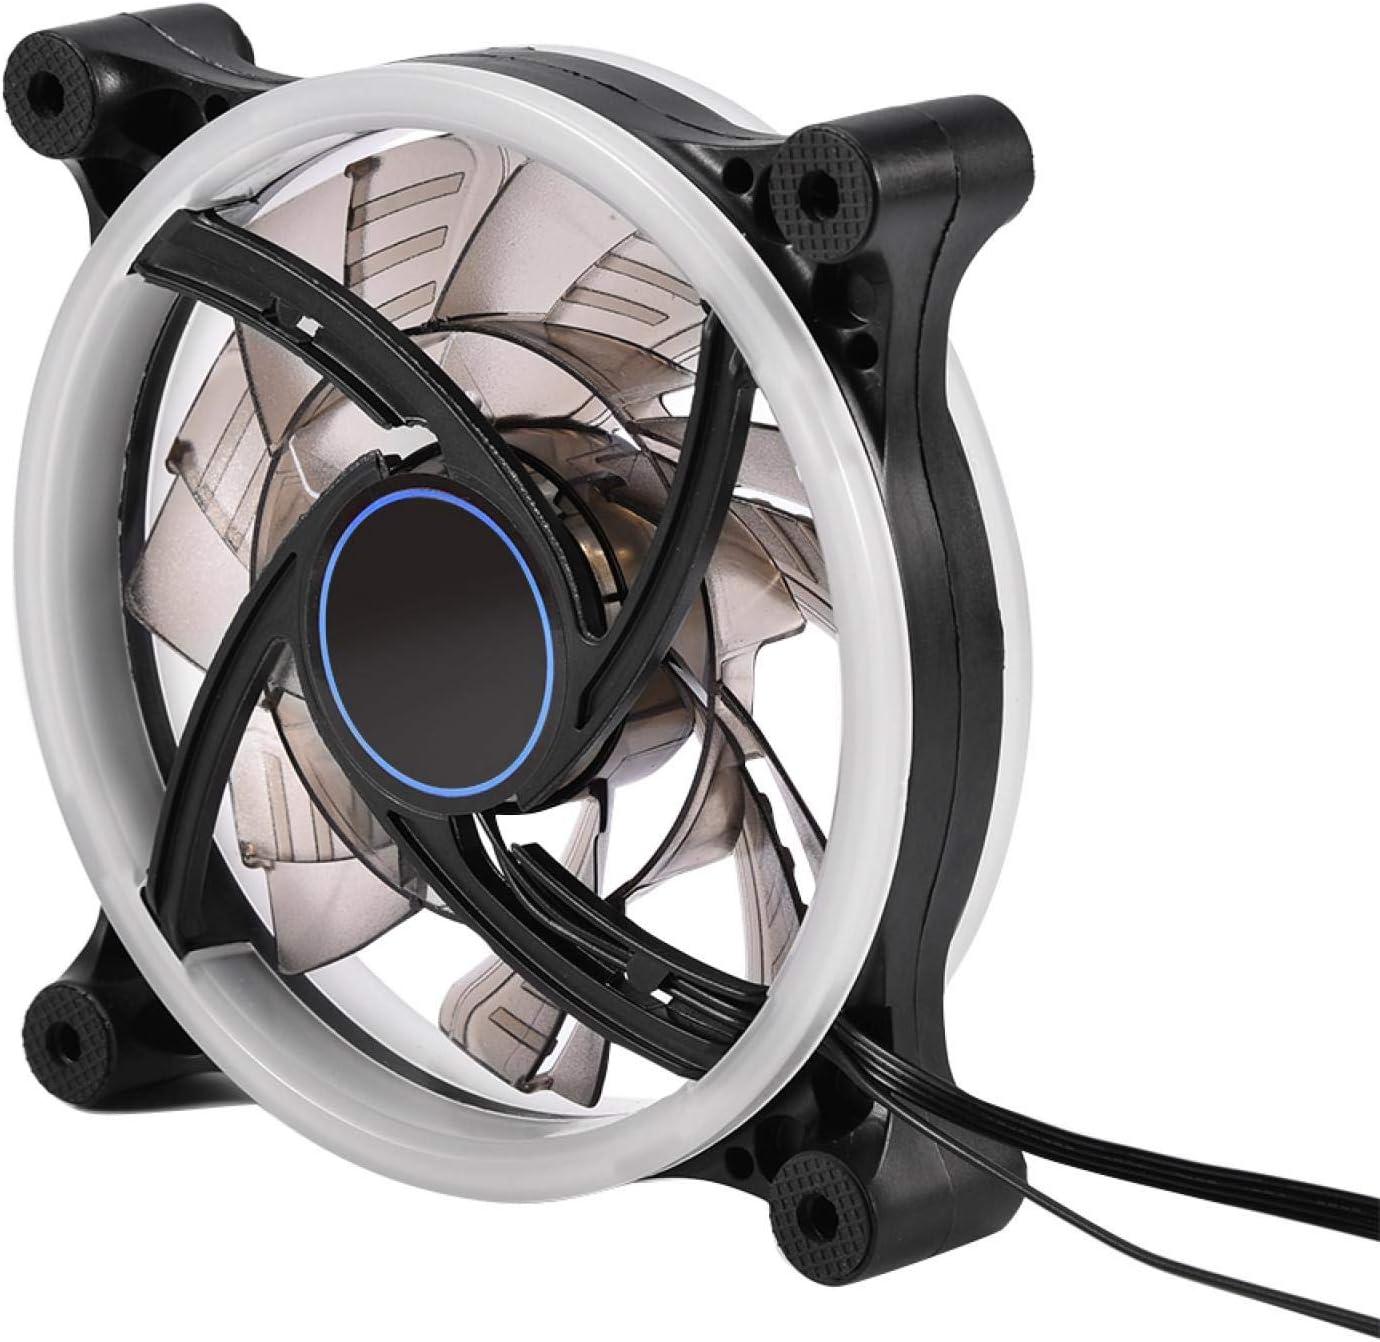 dgtrhted 120mm 7-Blade RGB LED Luz Ajustable Computadora PC Estuche Ventiladores de enfriamiento Alto Flujo de Aire Refrigerador silencioso